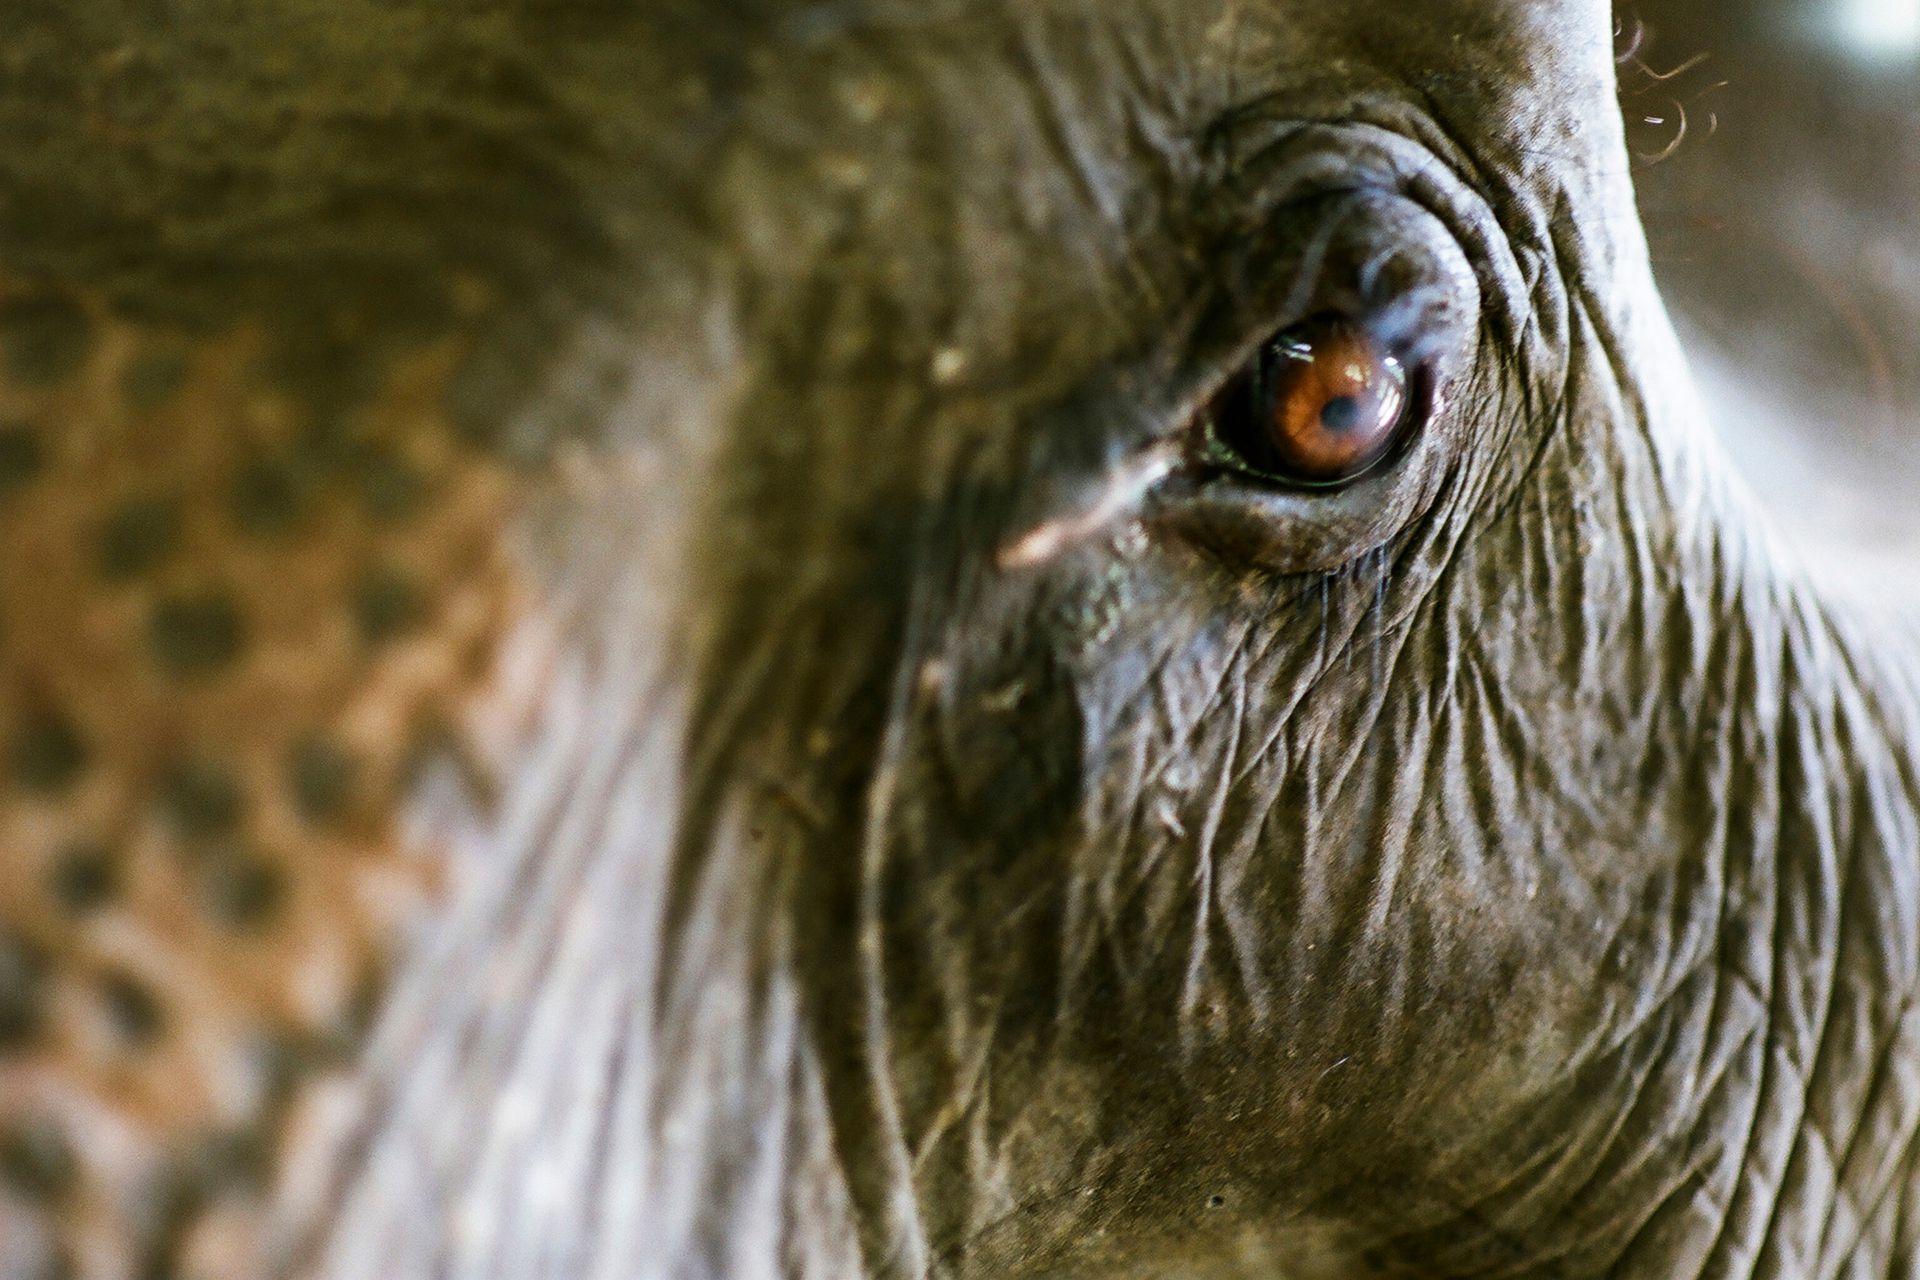 Todos los elefantes en cautiverio tienen algo en común: han sido víctimas de maltratos y abusos por parte de los humanos